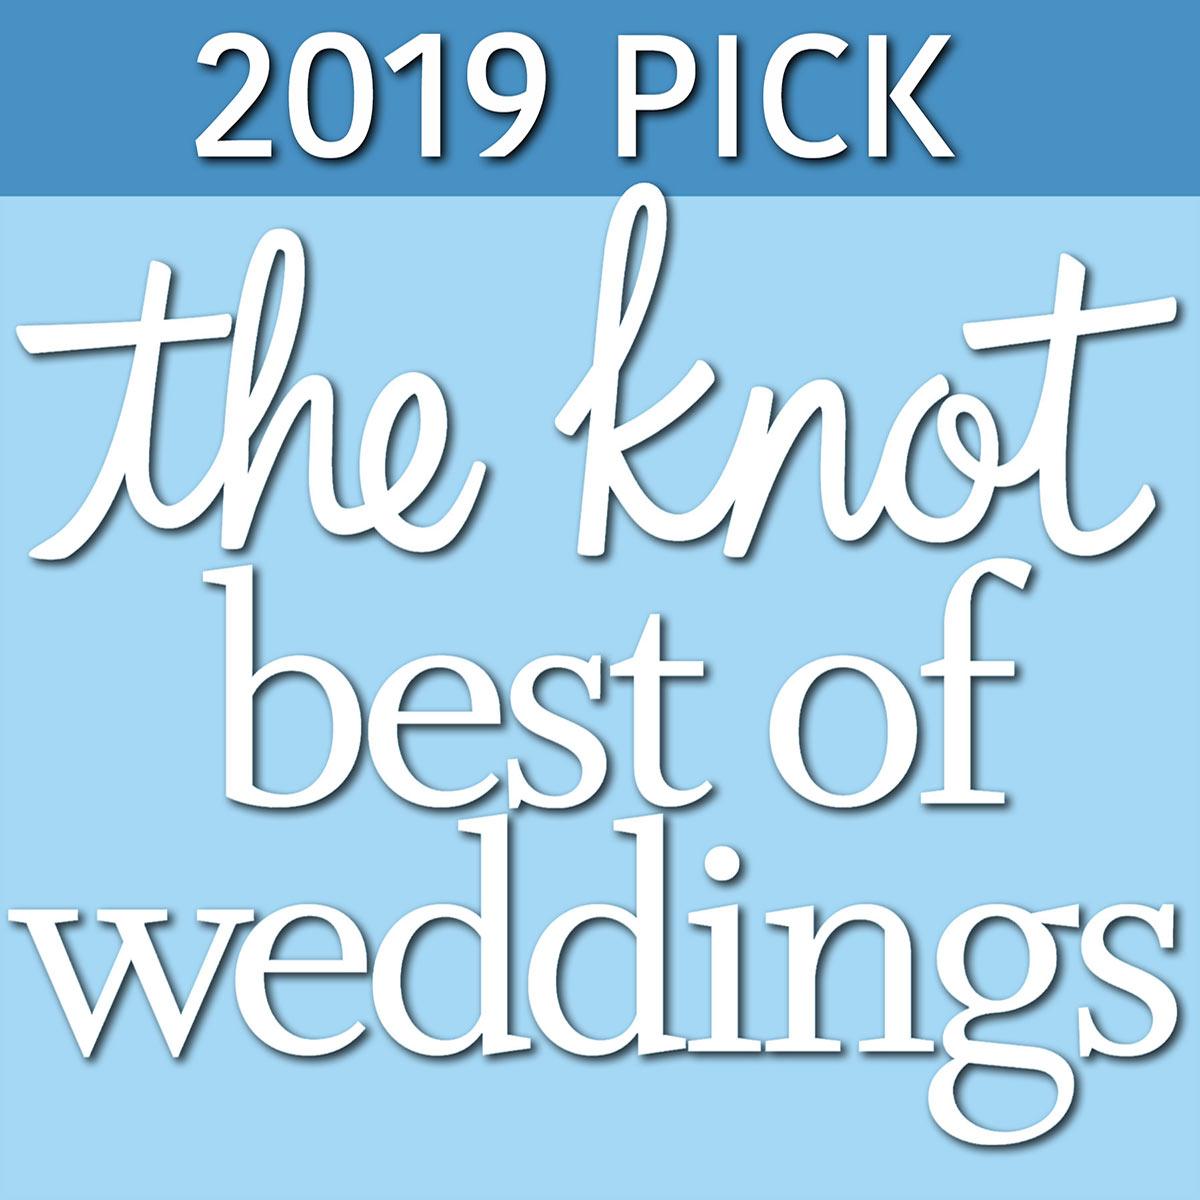 knot-best-of-weddings-logo-2019